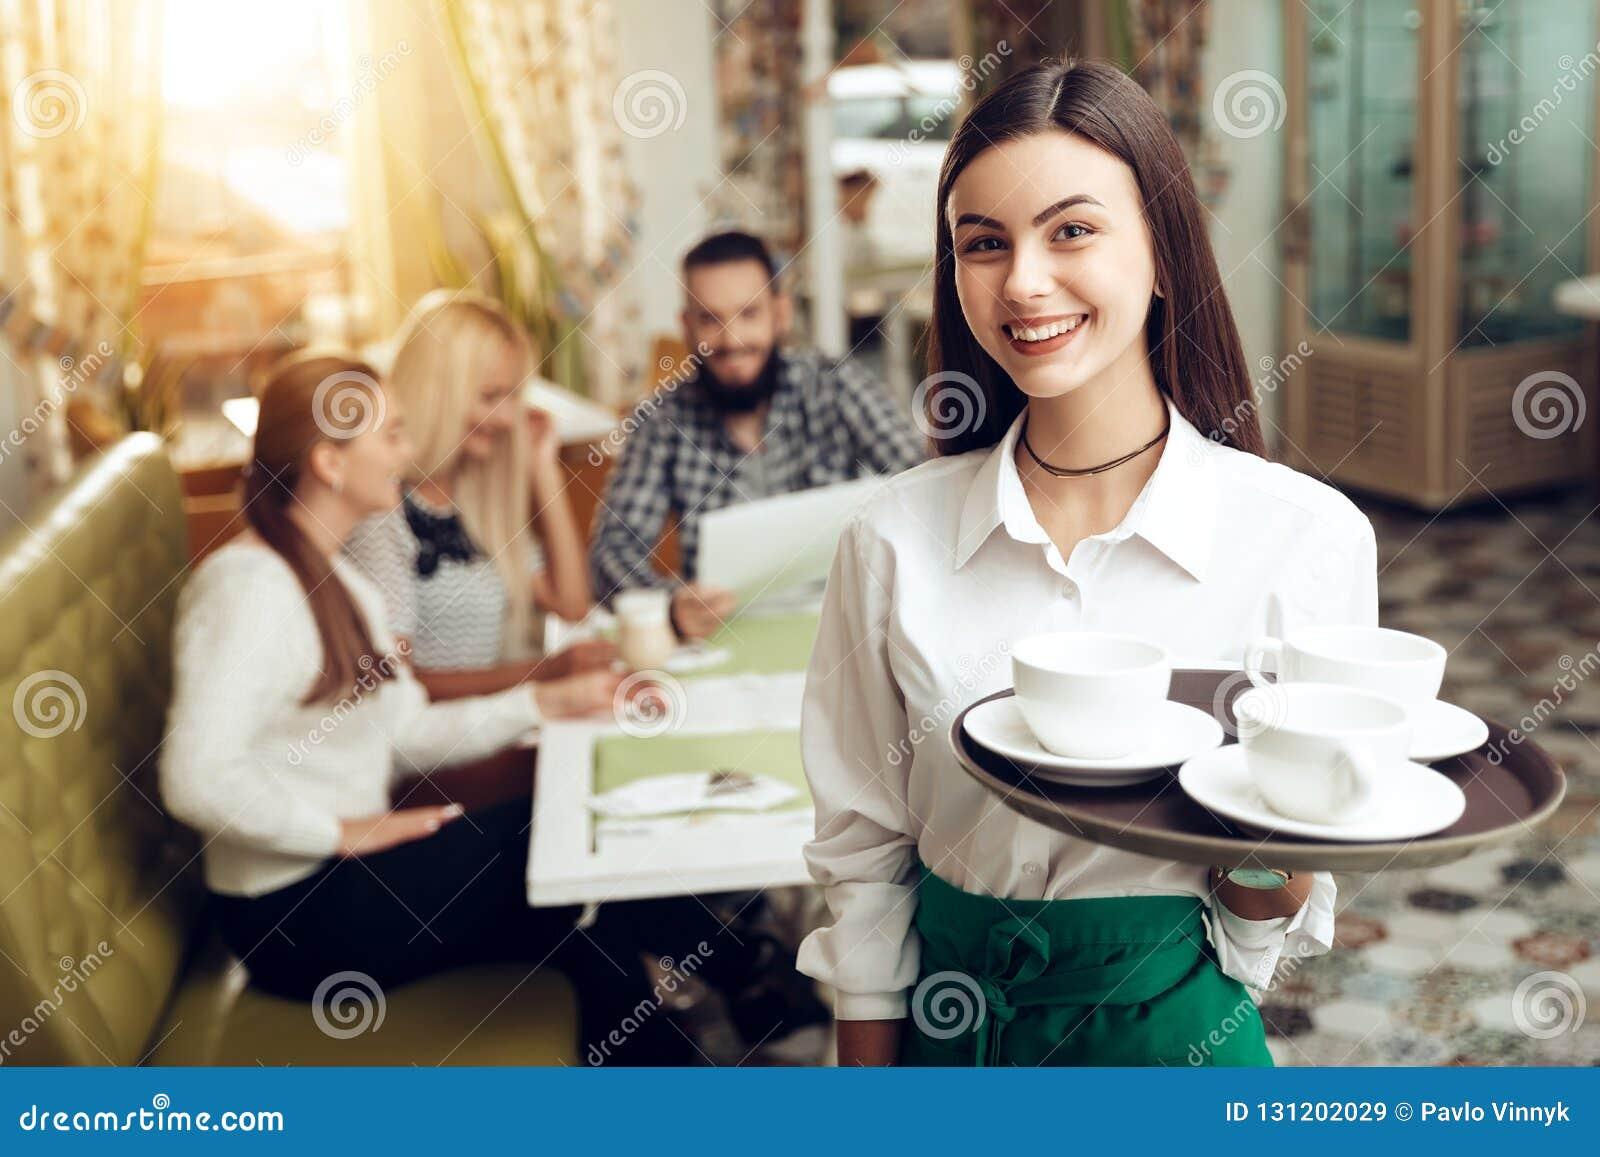 Mi cafetería. - Página 11 Situaci%C3%B3n-joven-sonriente-de-la-camarera-del-retrato-en-caf%C3%A9-131202029